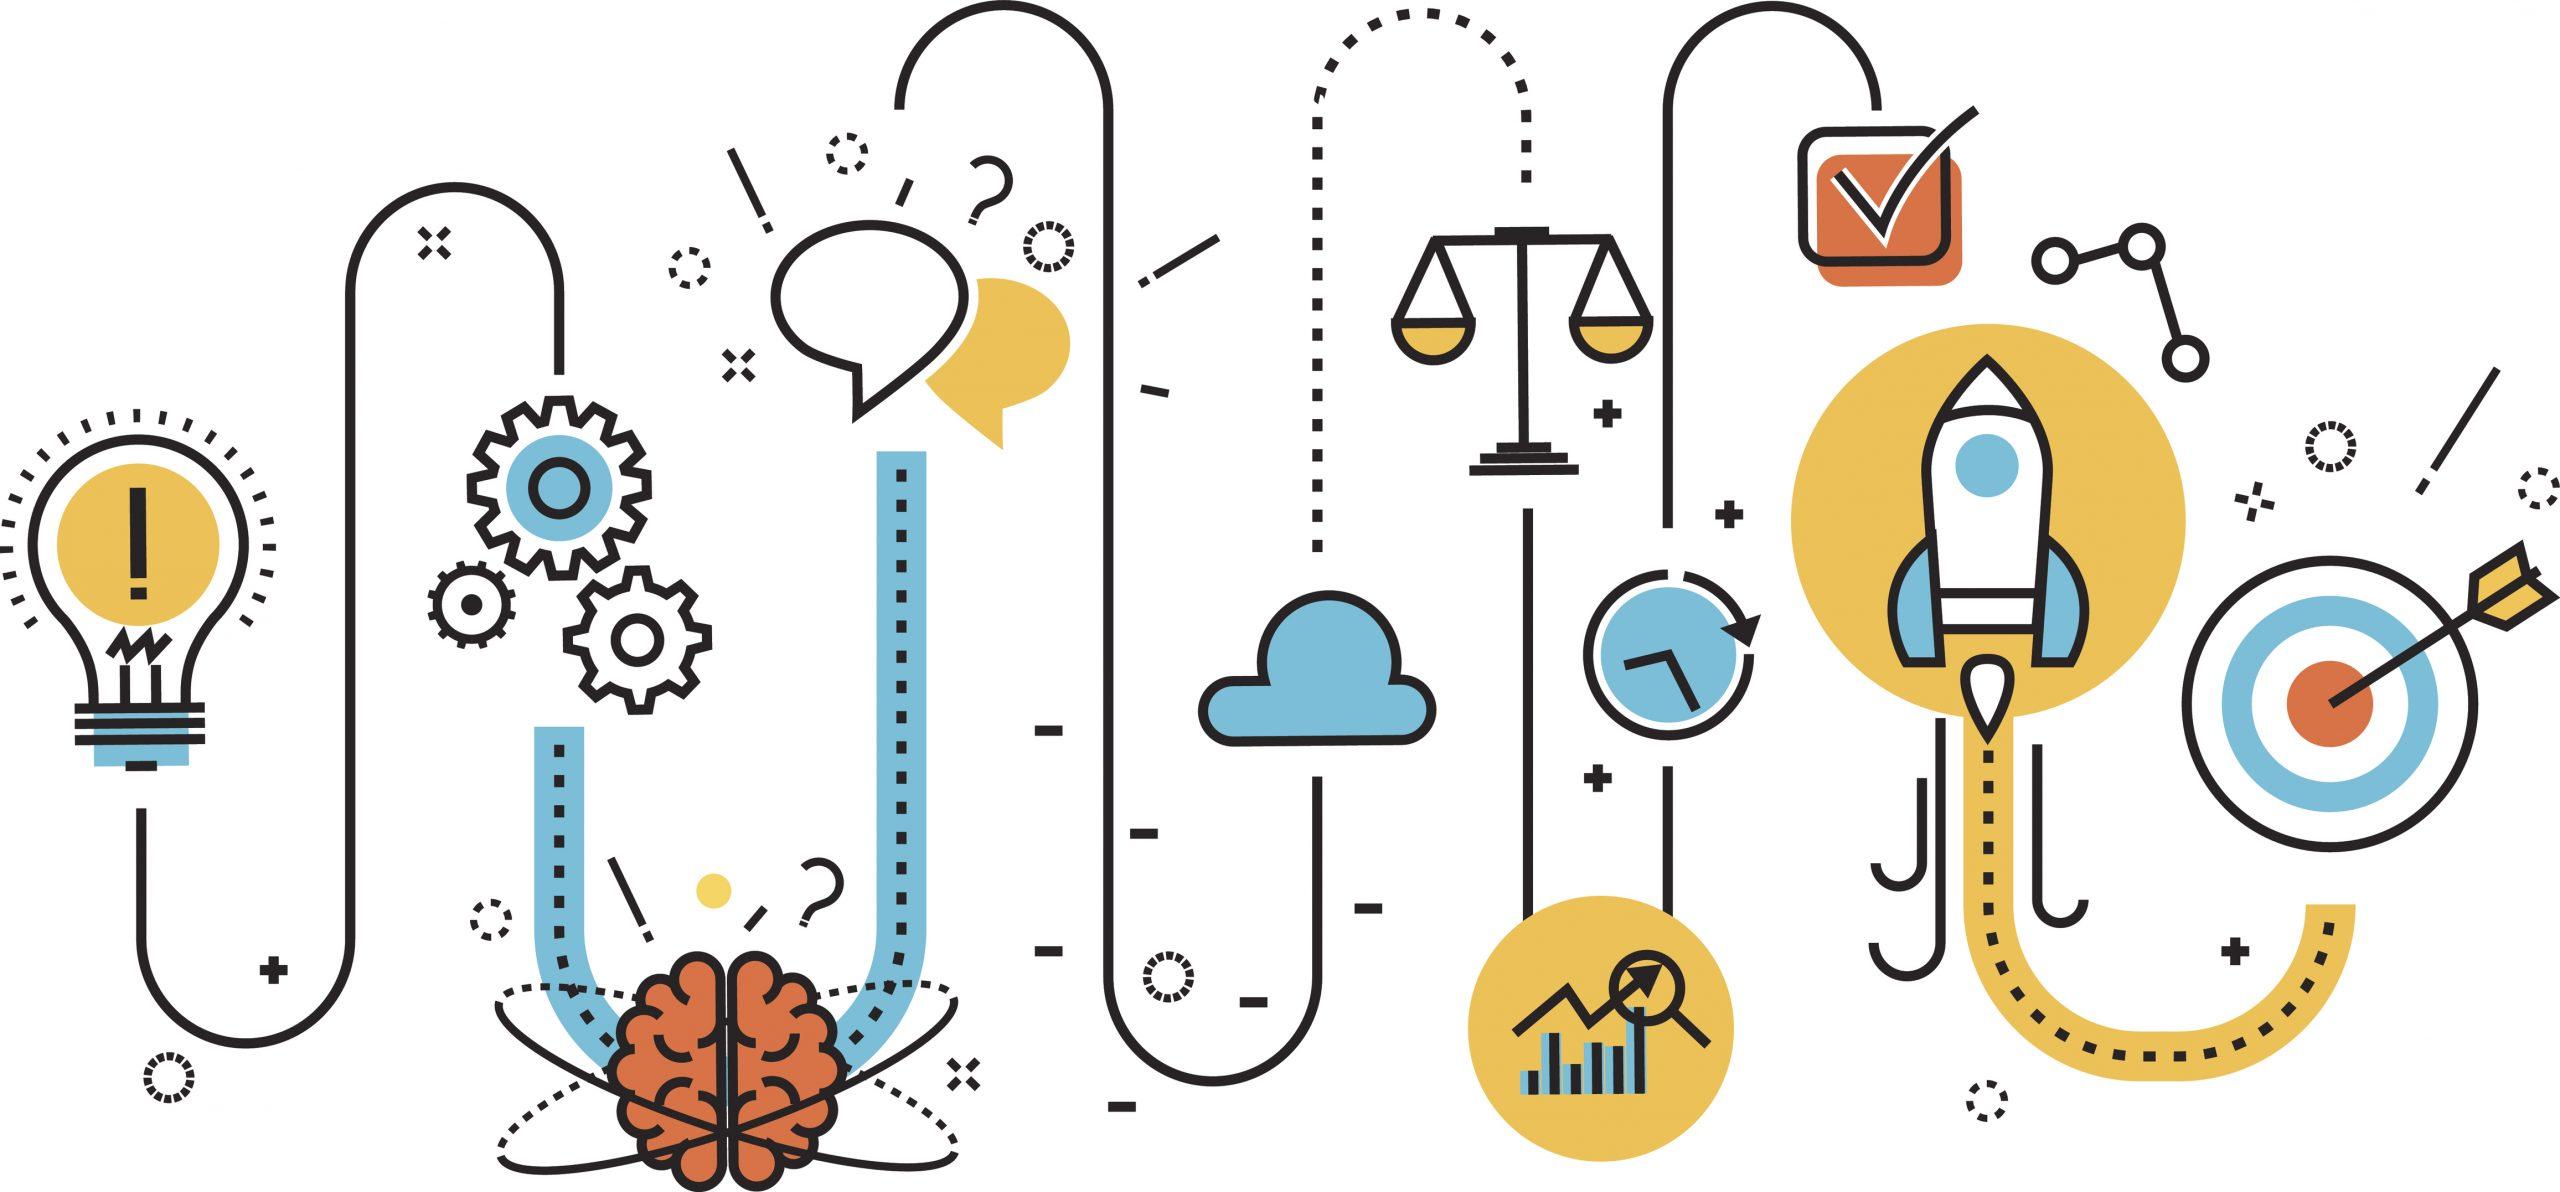 创新书评   应对不确定性须提升团队6大思维来创意解难